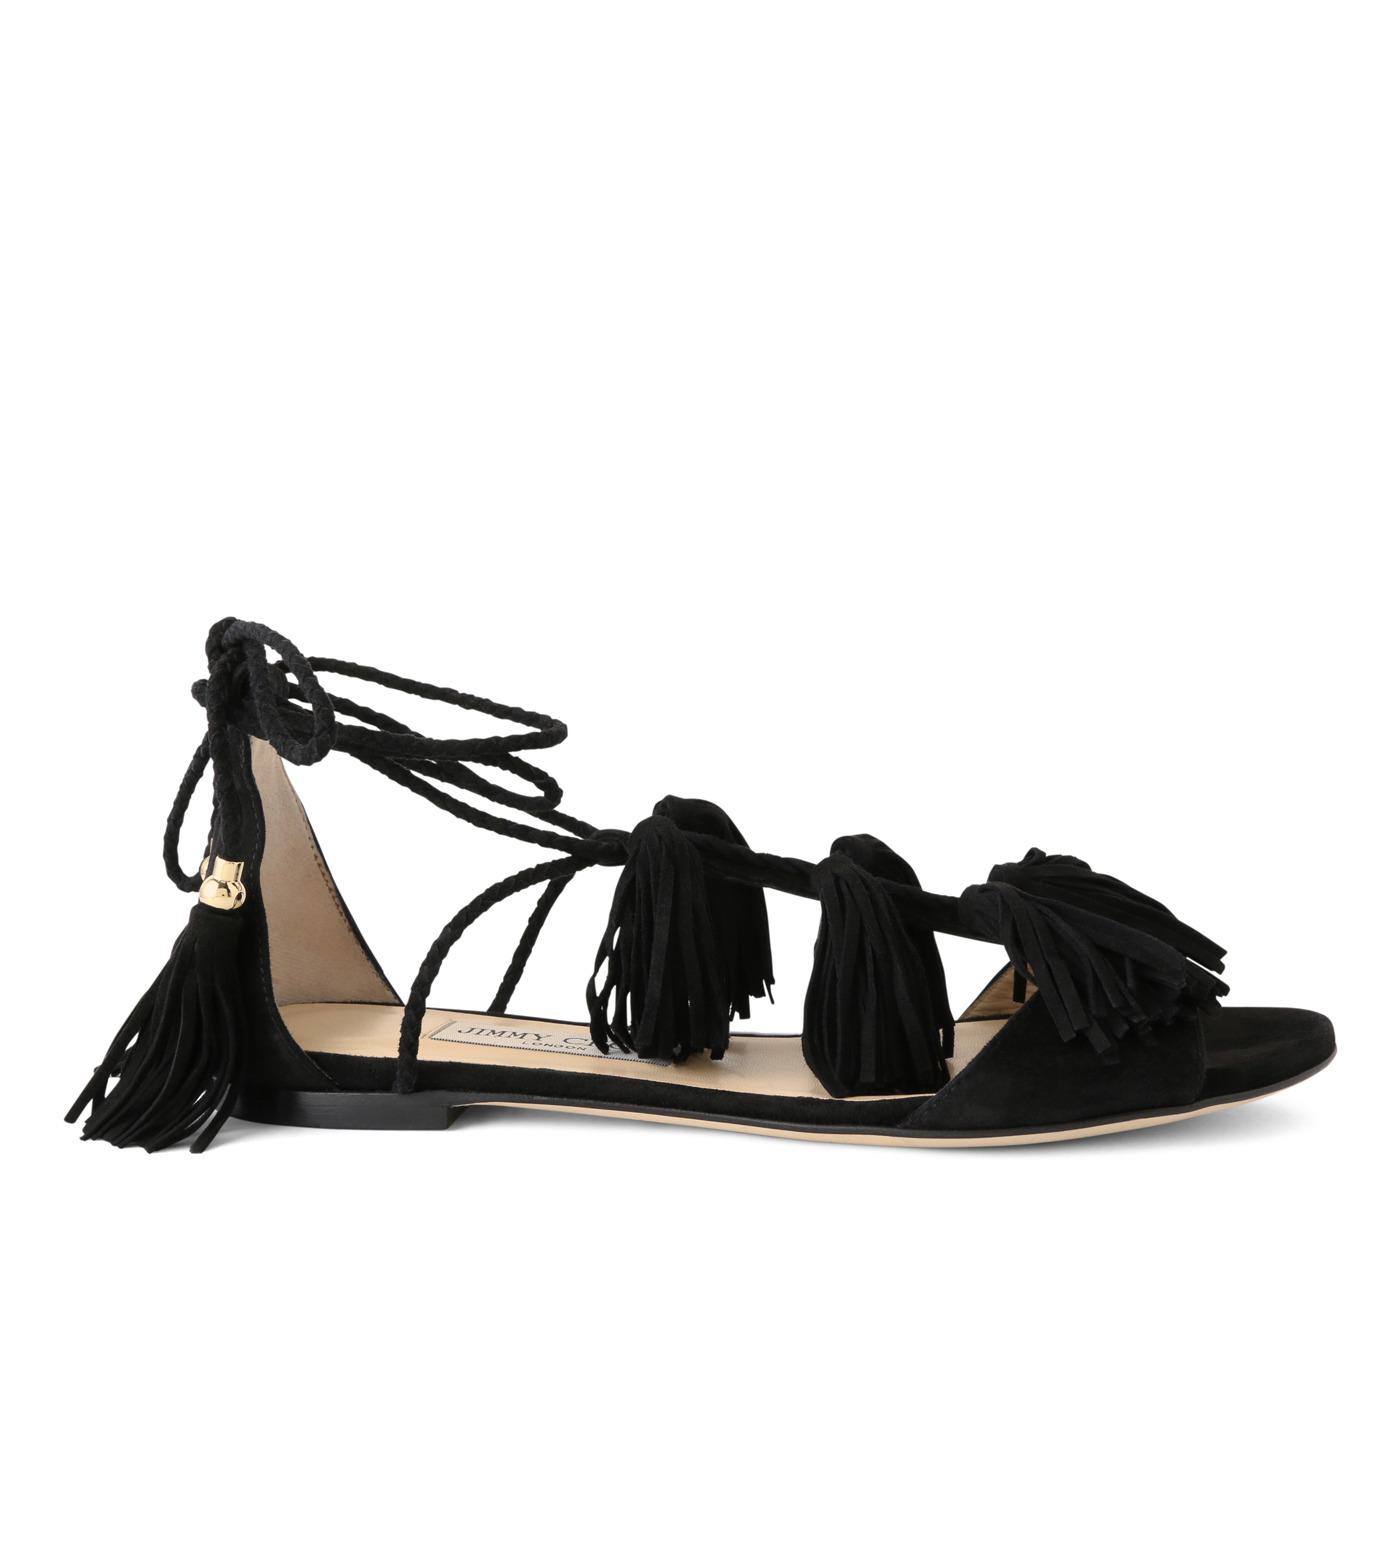 Jimmy Choo(ジミーチュウ)の153WER Suede w/Tassel Flat-BLACK(フラットシューズ/Flat shoes)-MINDY-FLAT-13 拡大詳細画像1